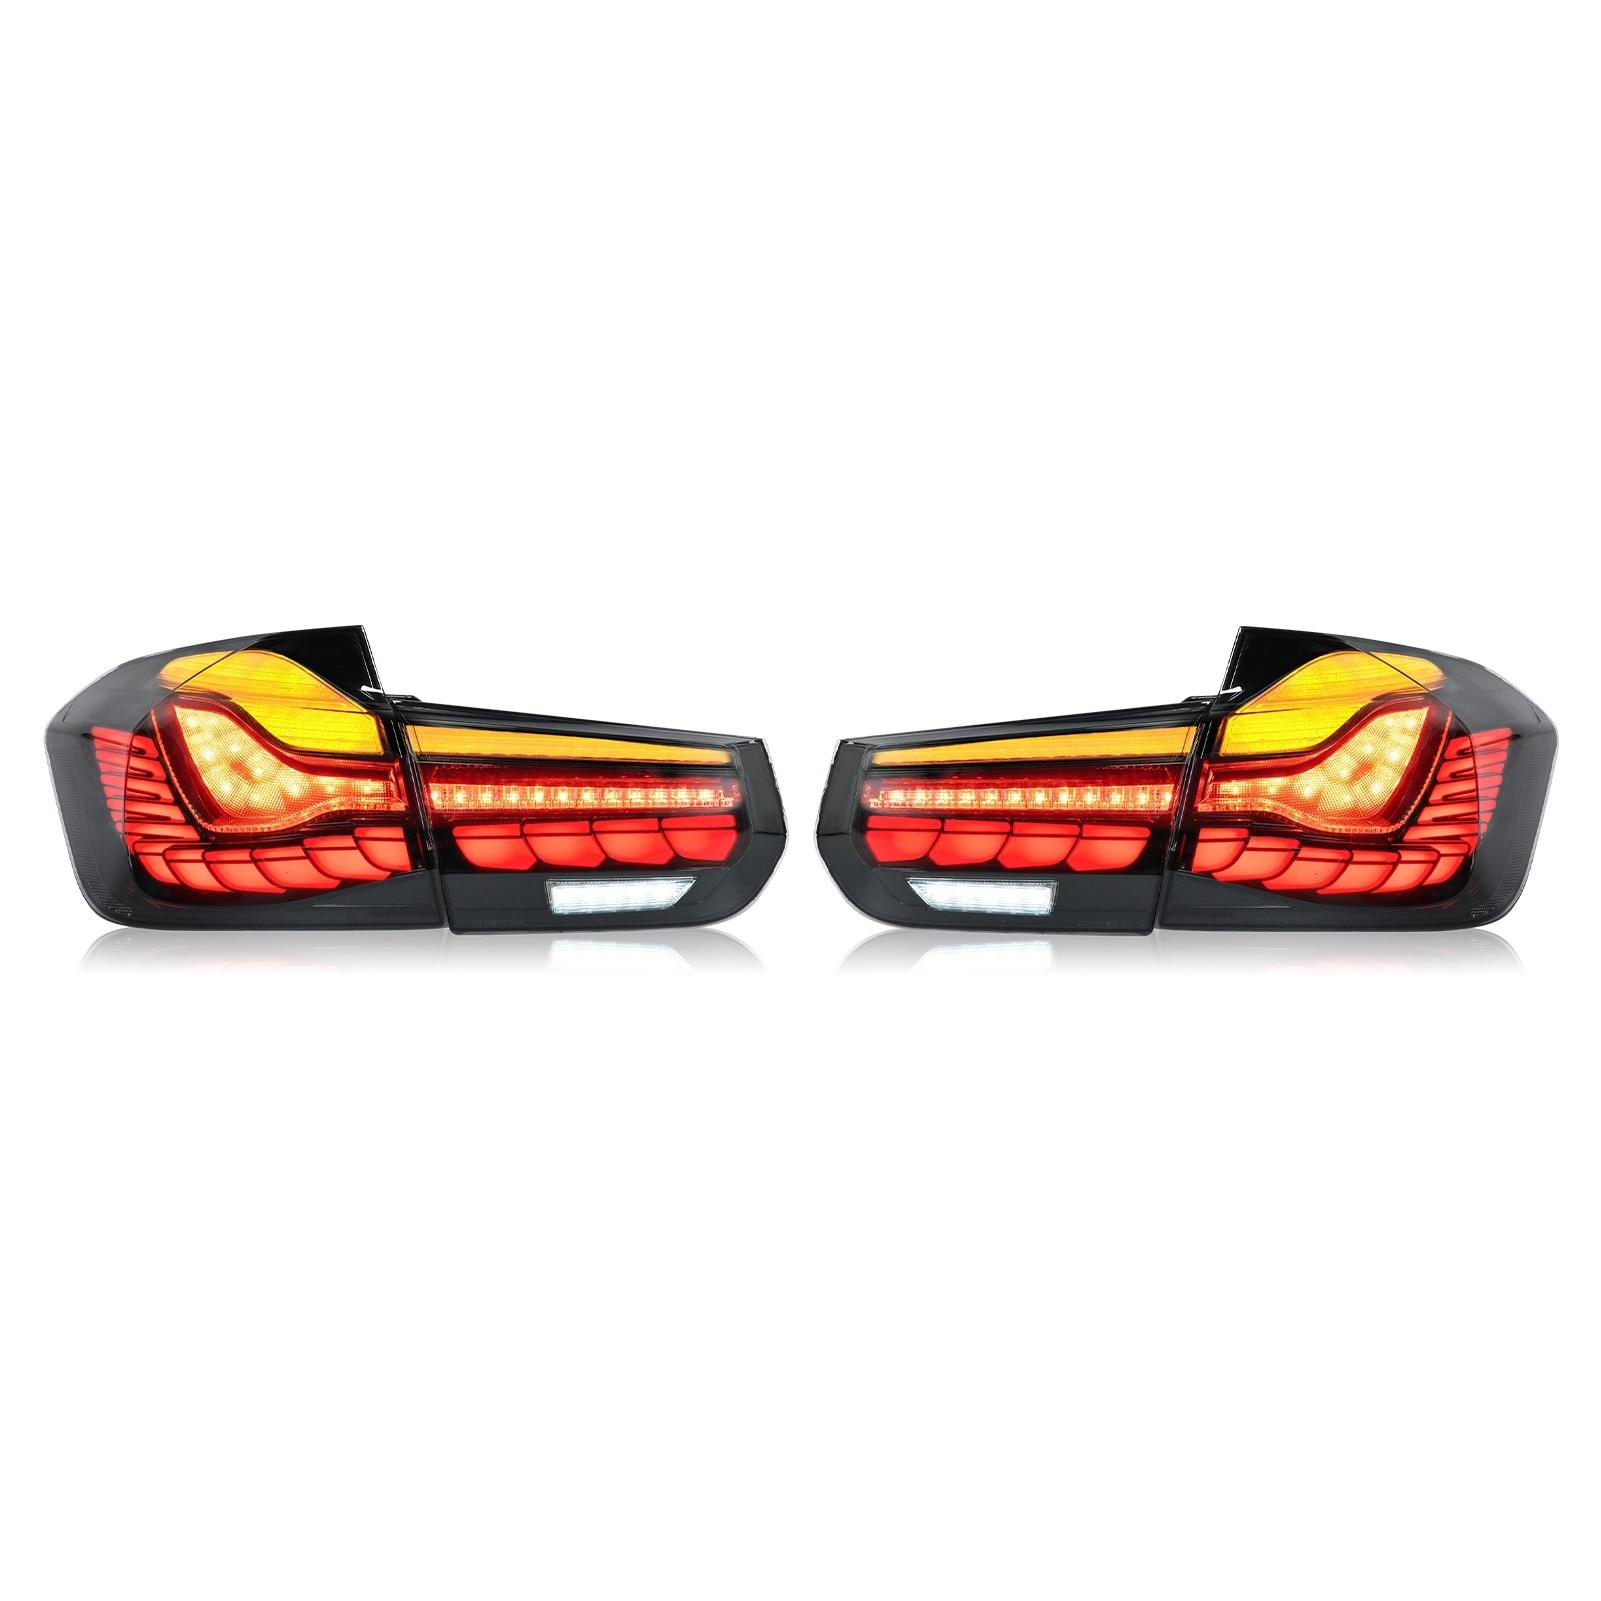 Lampe Für M4 GTS Design Geraucht Dynamische Full LED Rückleuchten mit Sequential Blinker Fit für BMW 3 Serie f30 F80 M3 2012-2019